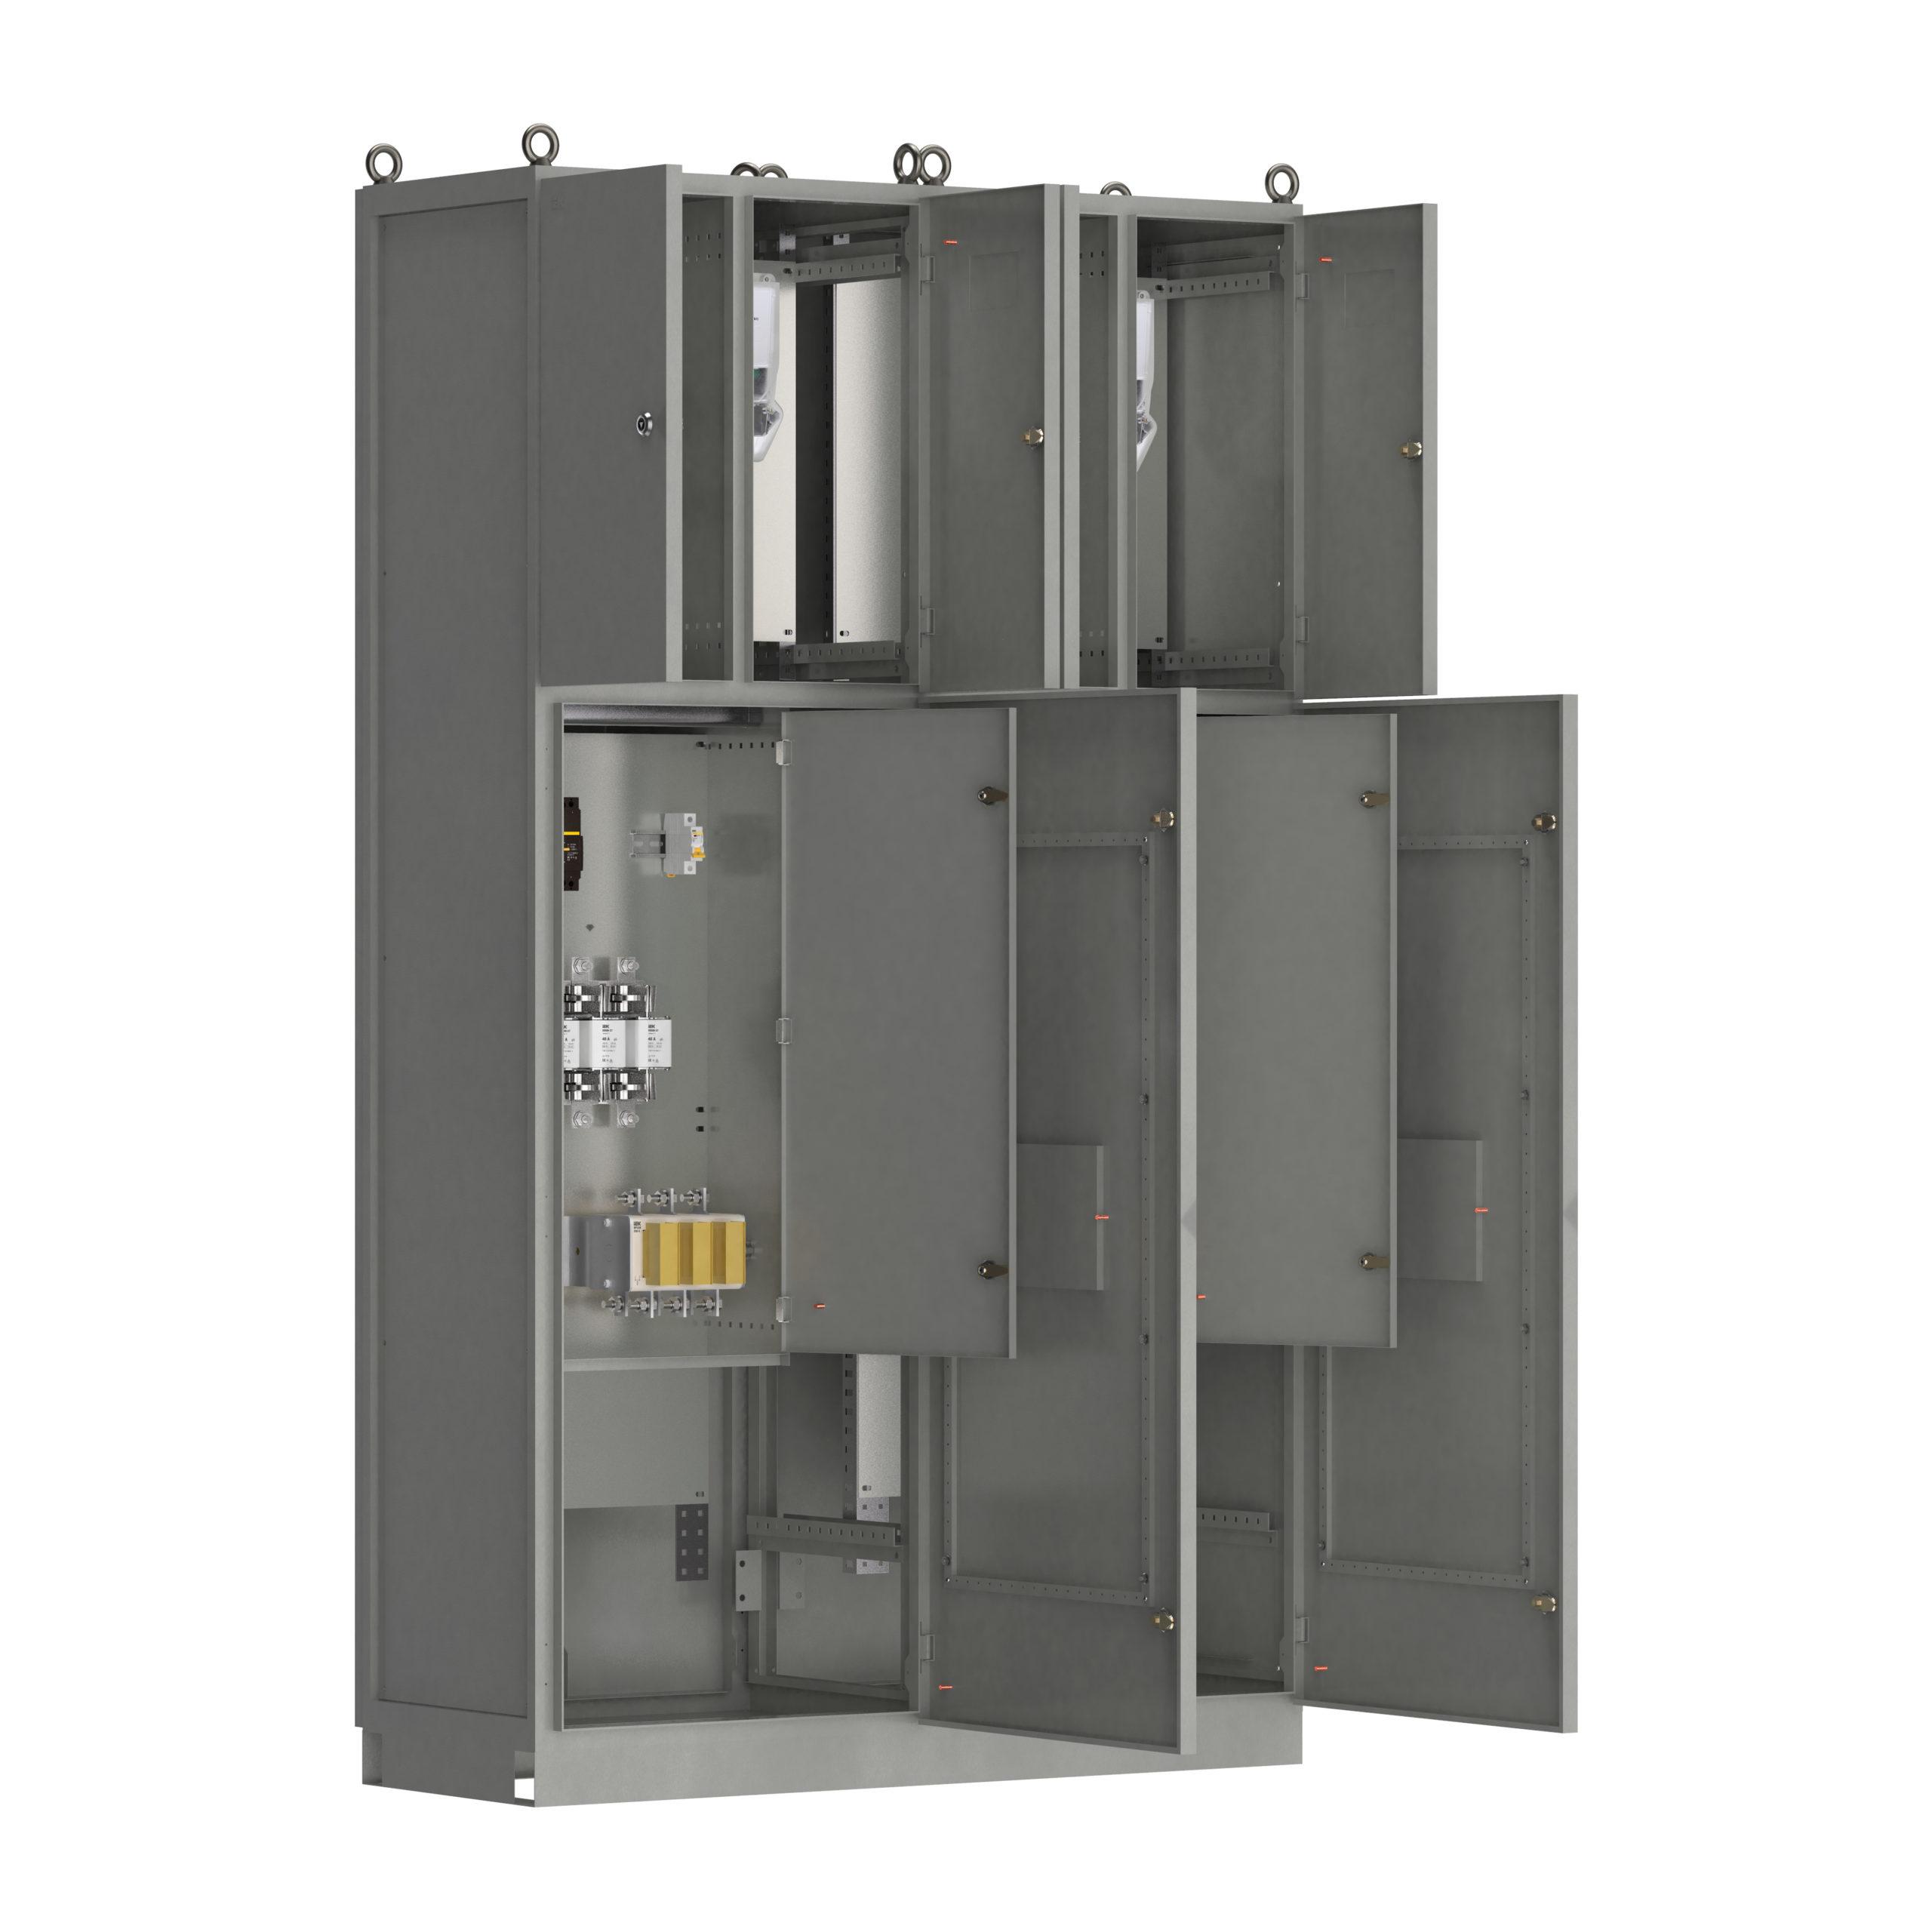 Панель вводная ВРУ1-12-10 УХЛ4 выключатели автоматические 1Р 2х6А рубильники 2х250А плавкие вставки 6х250А и учет IEK